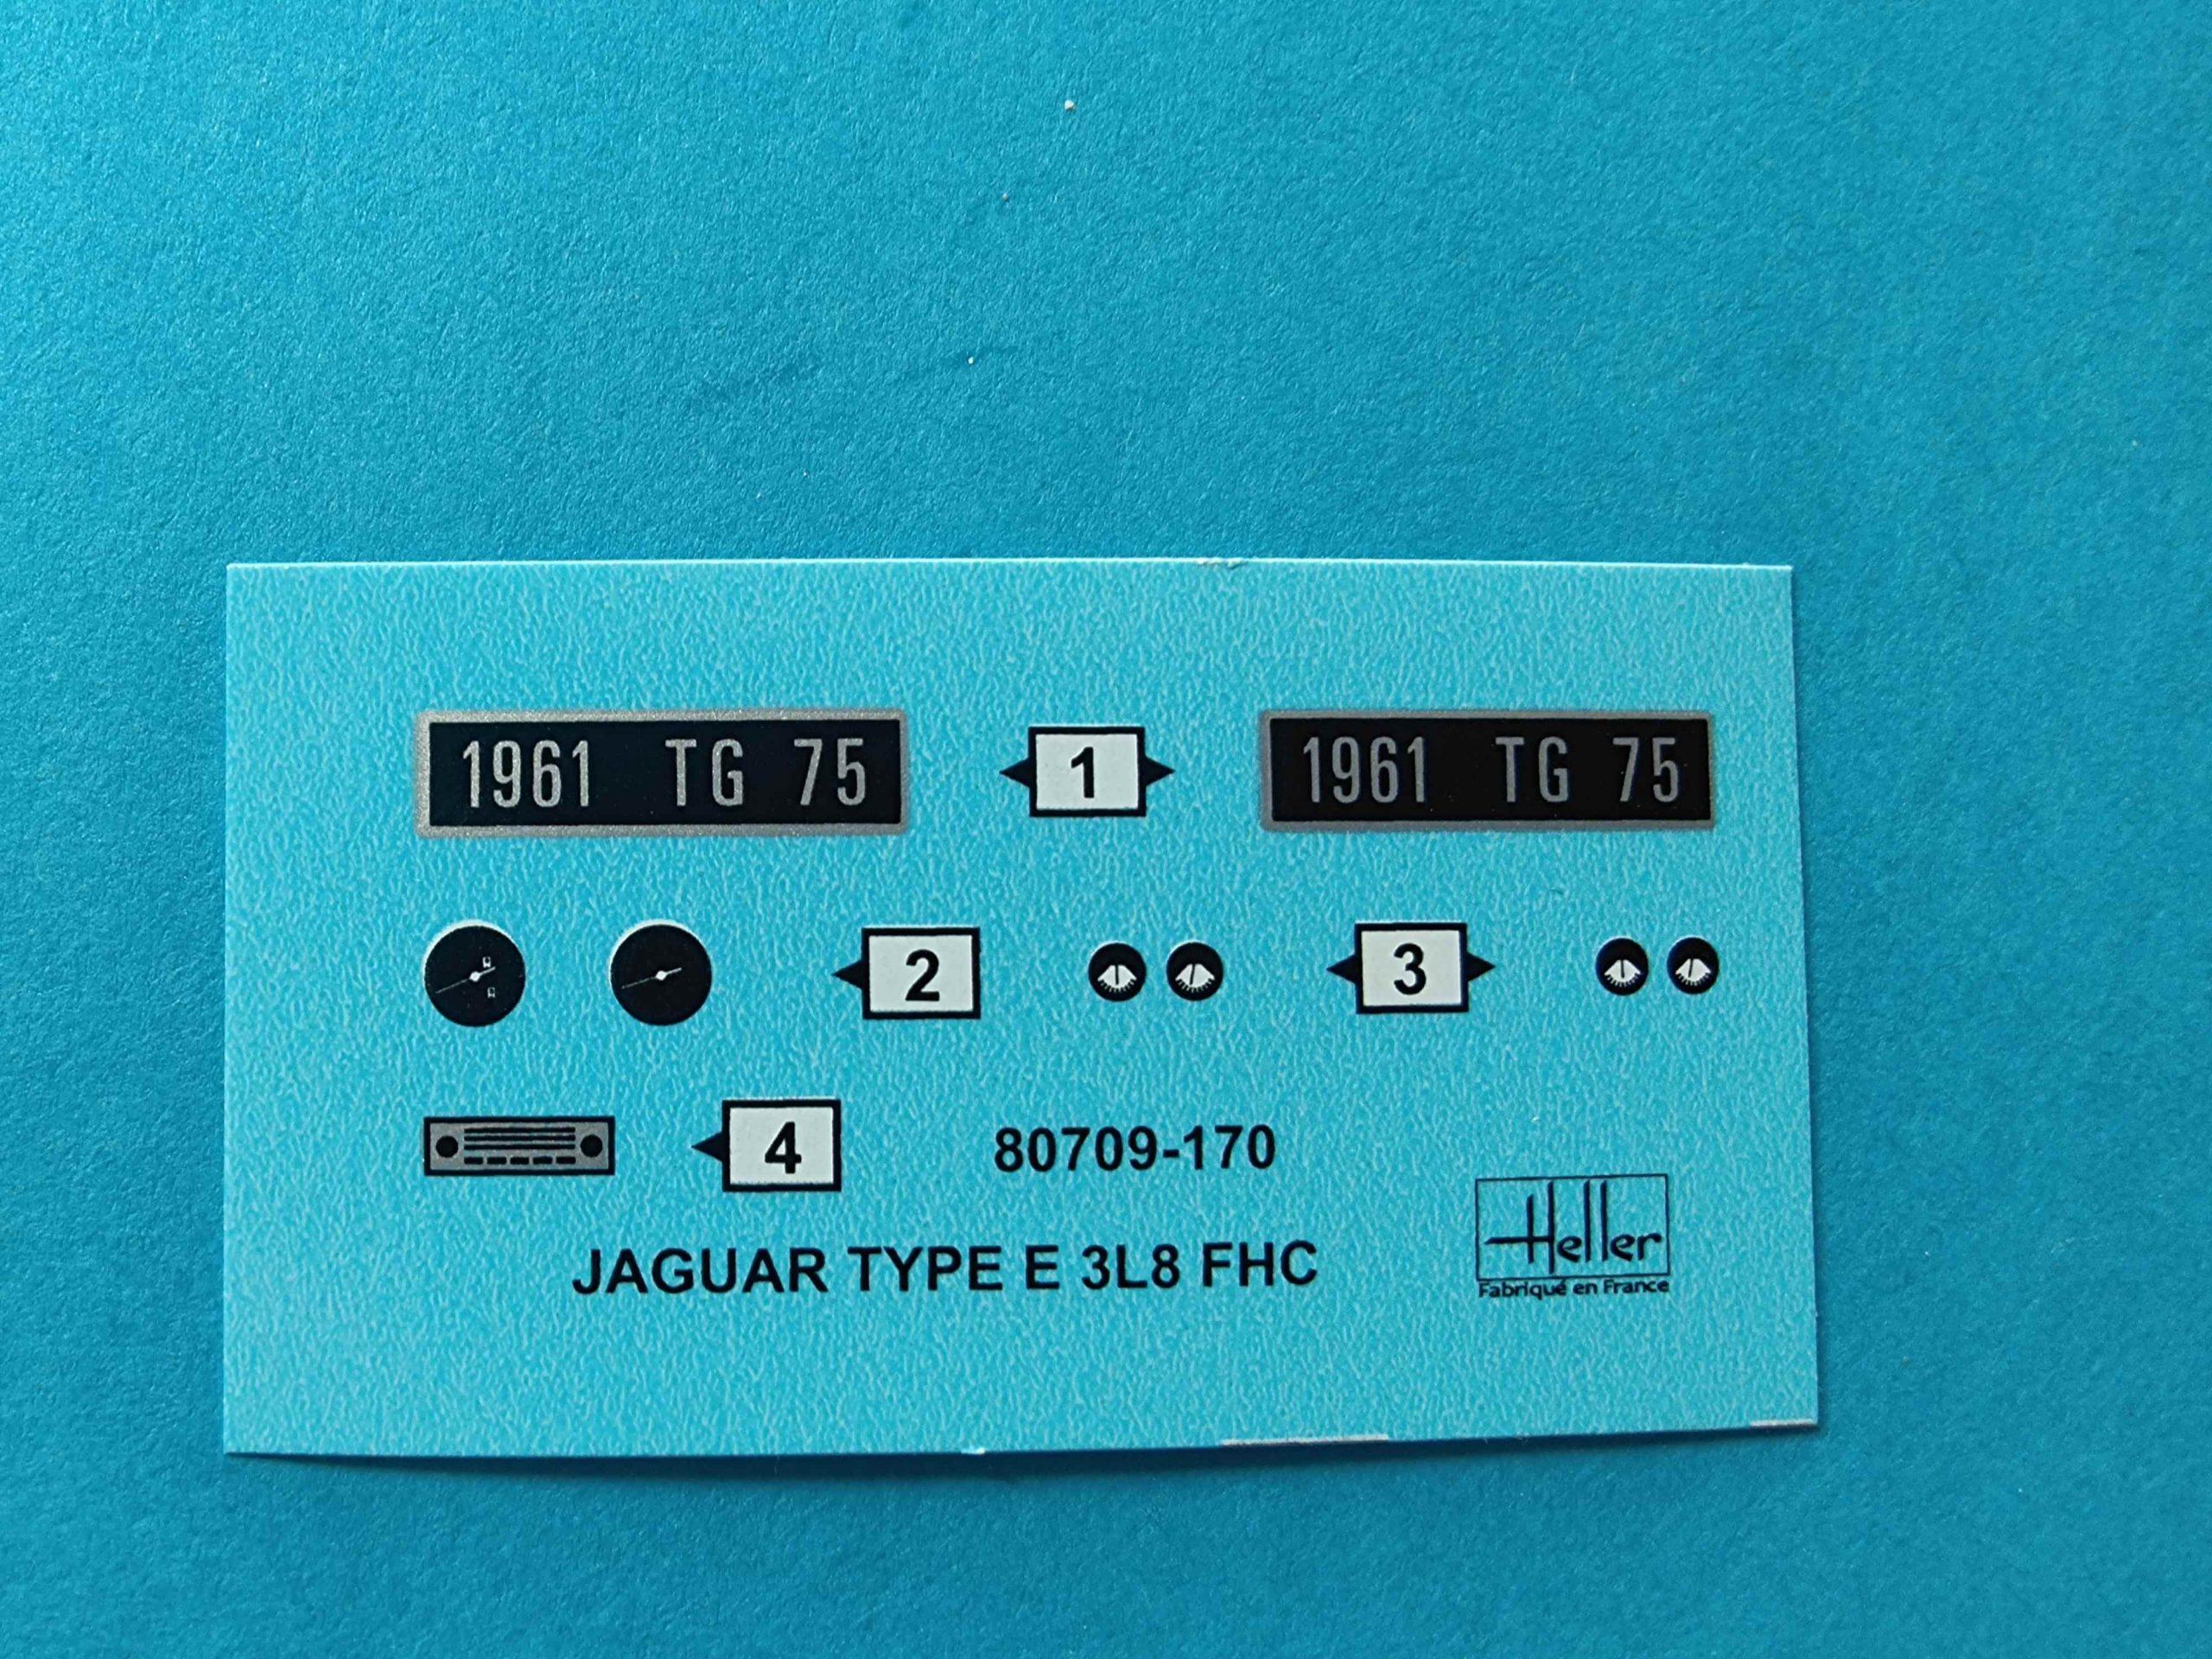 Heller_Jaguar14-scaled Heller Jaguar Type E 3L8 FHC in 1:24 # 80709